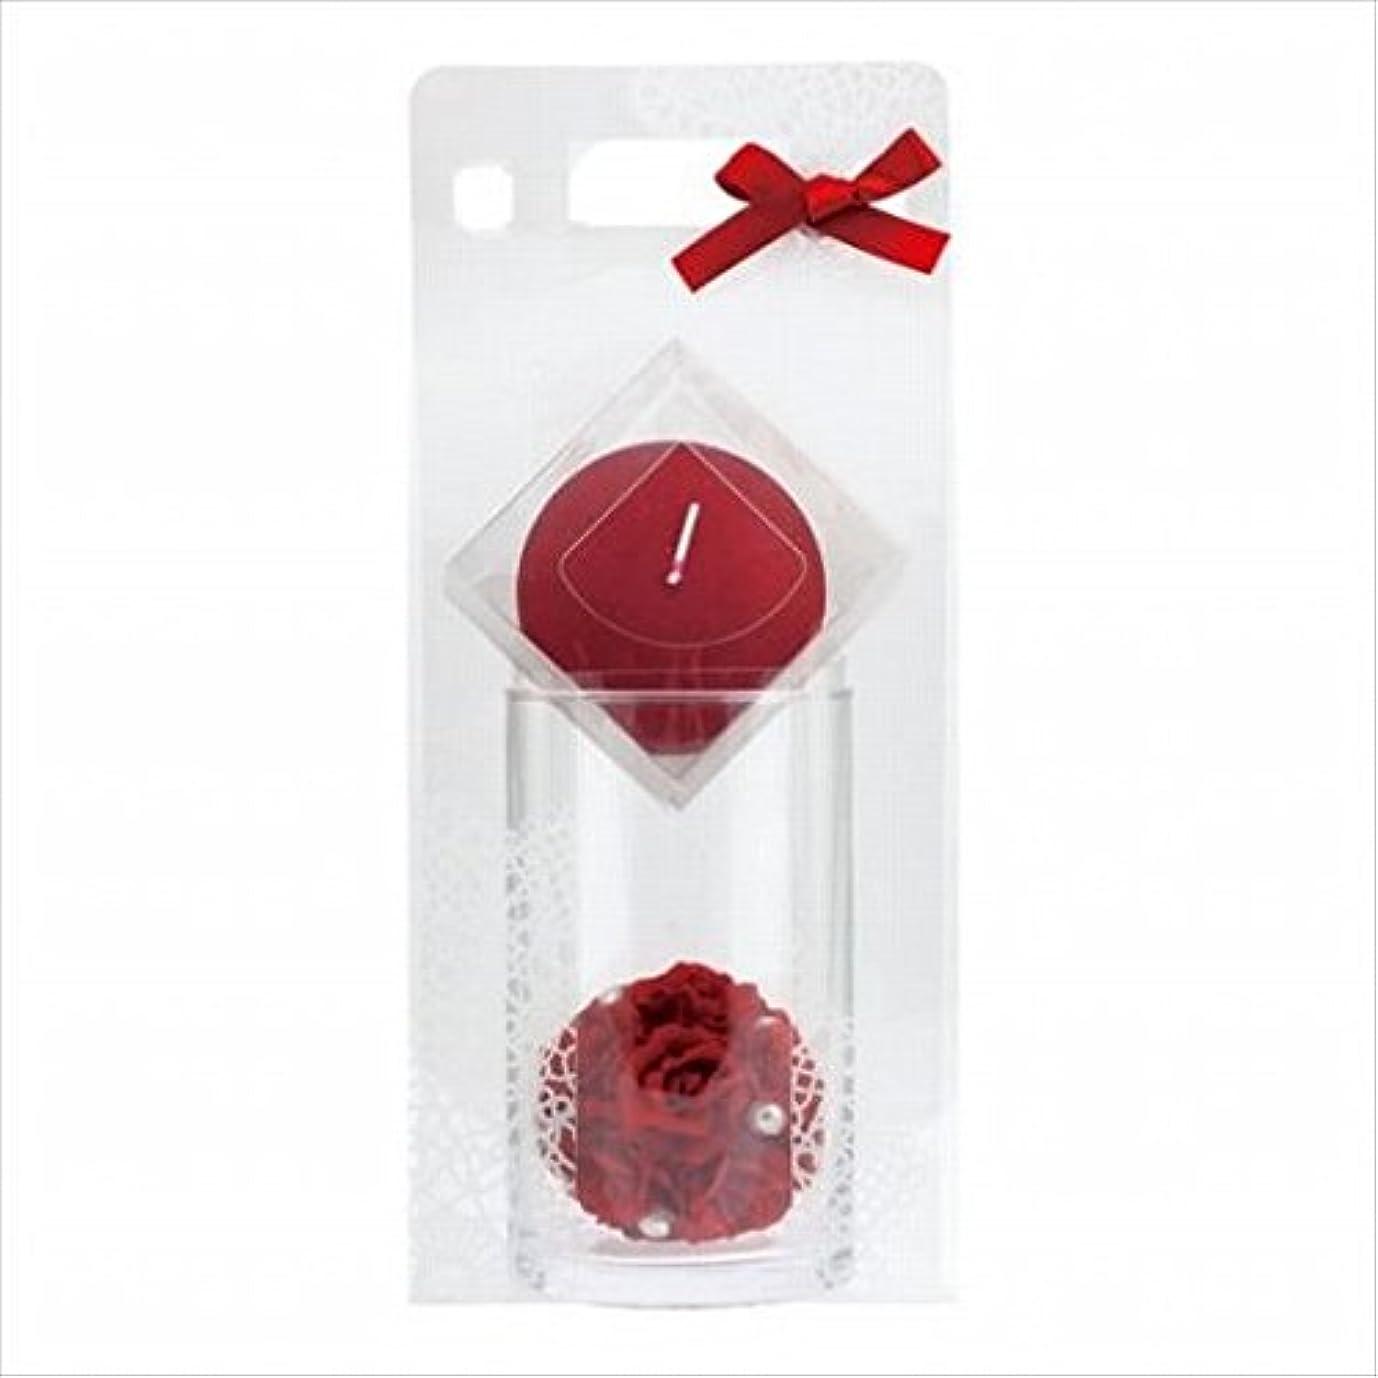 消化スポンサー仕出しますkameyama candle(カメヤマキャンドル) ローズボールセット 「 ワインレッド 」 キャンドル ギフトセット(66031000WR)